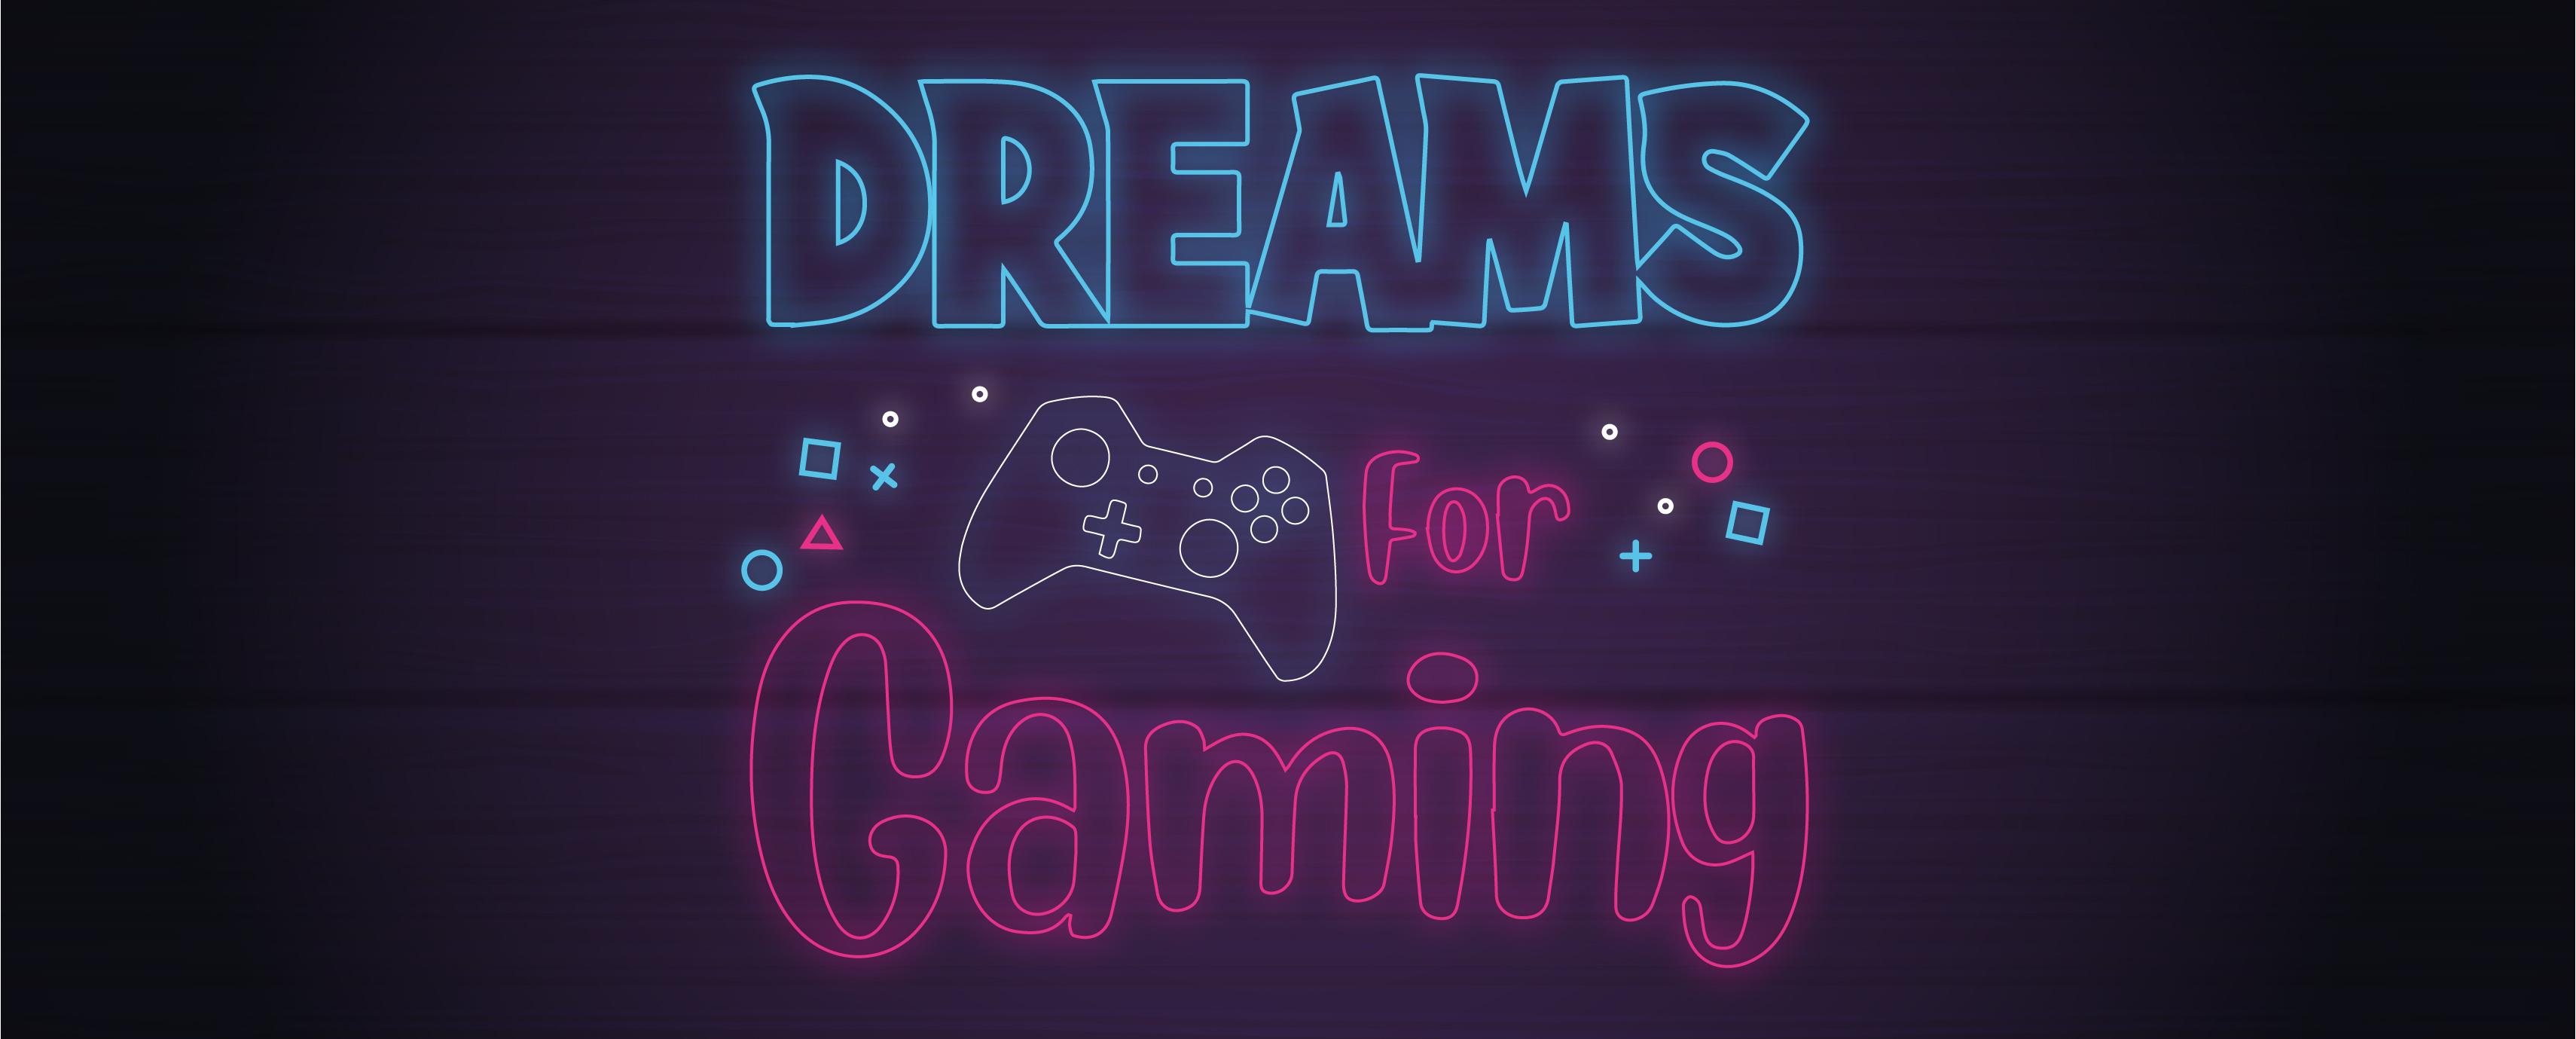 Dreamsforgaming